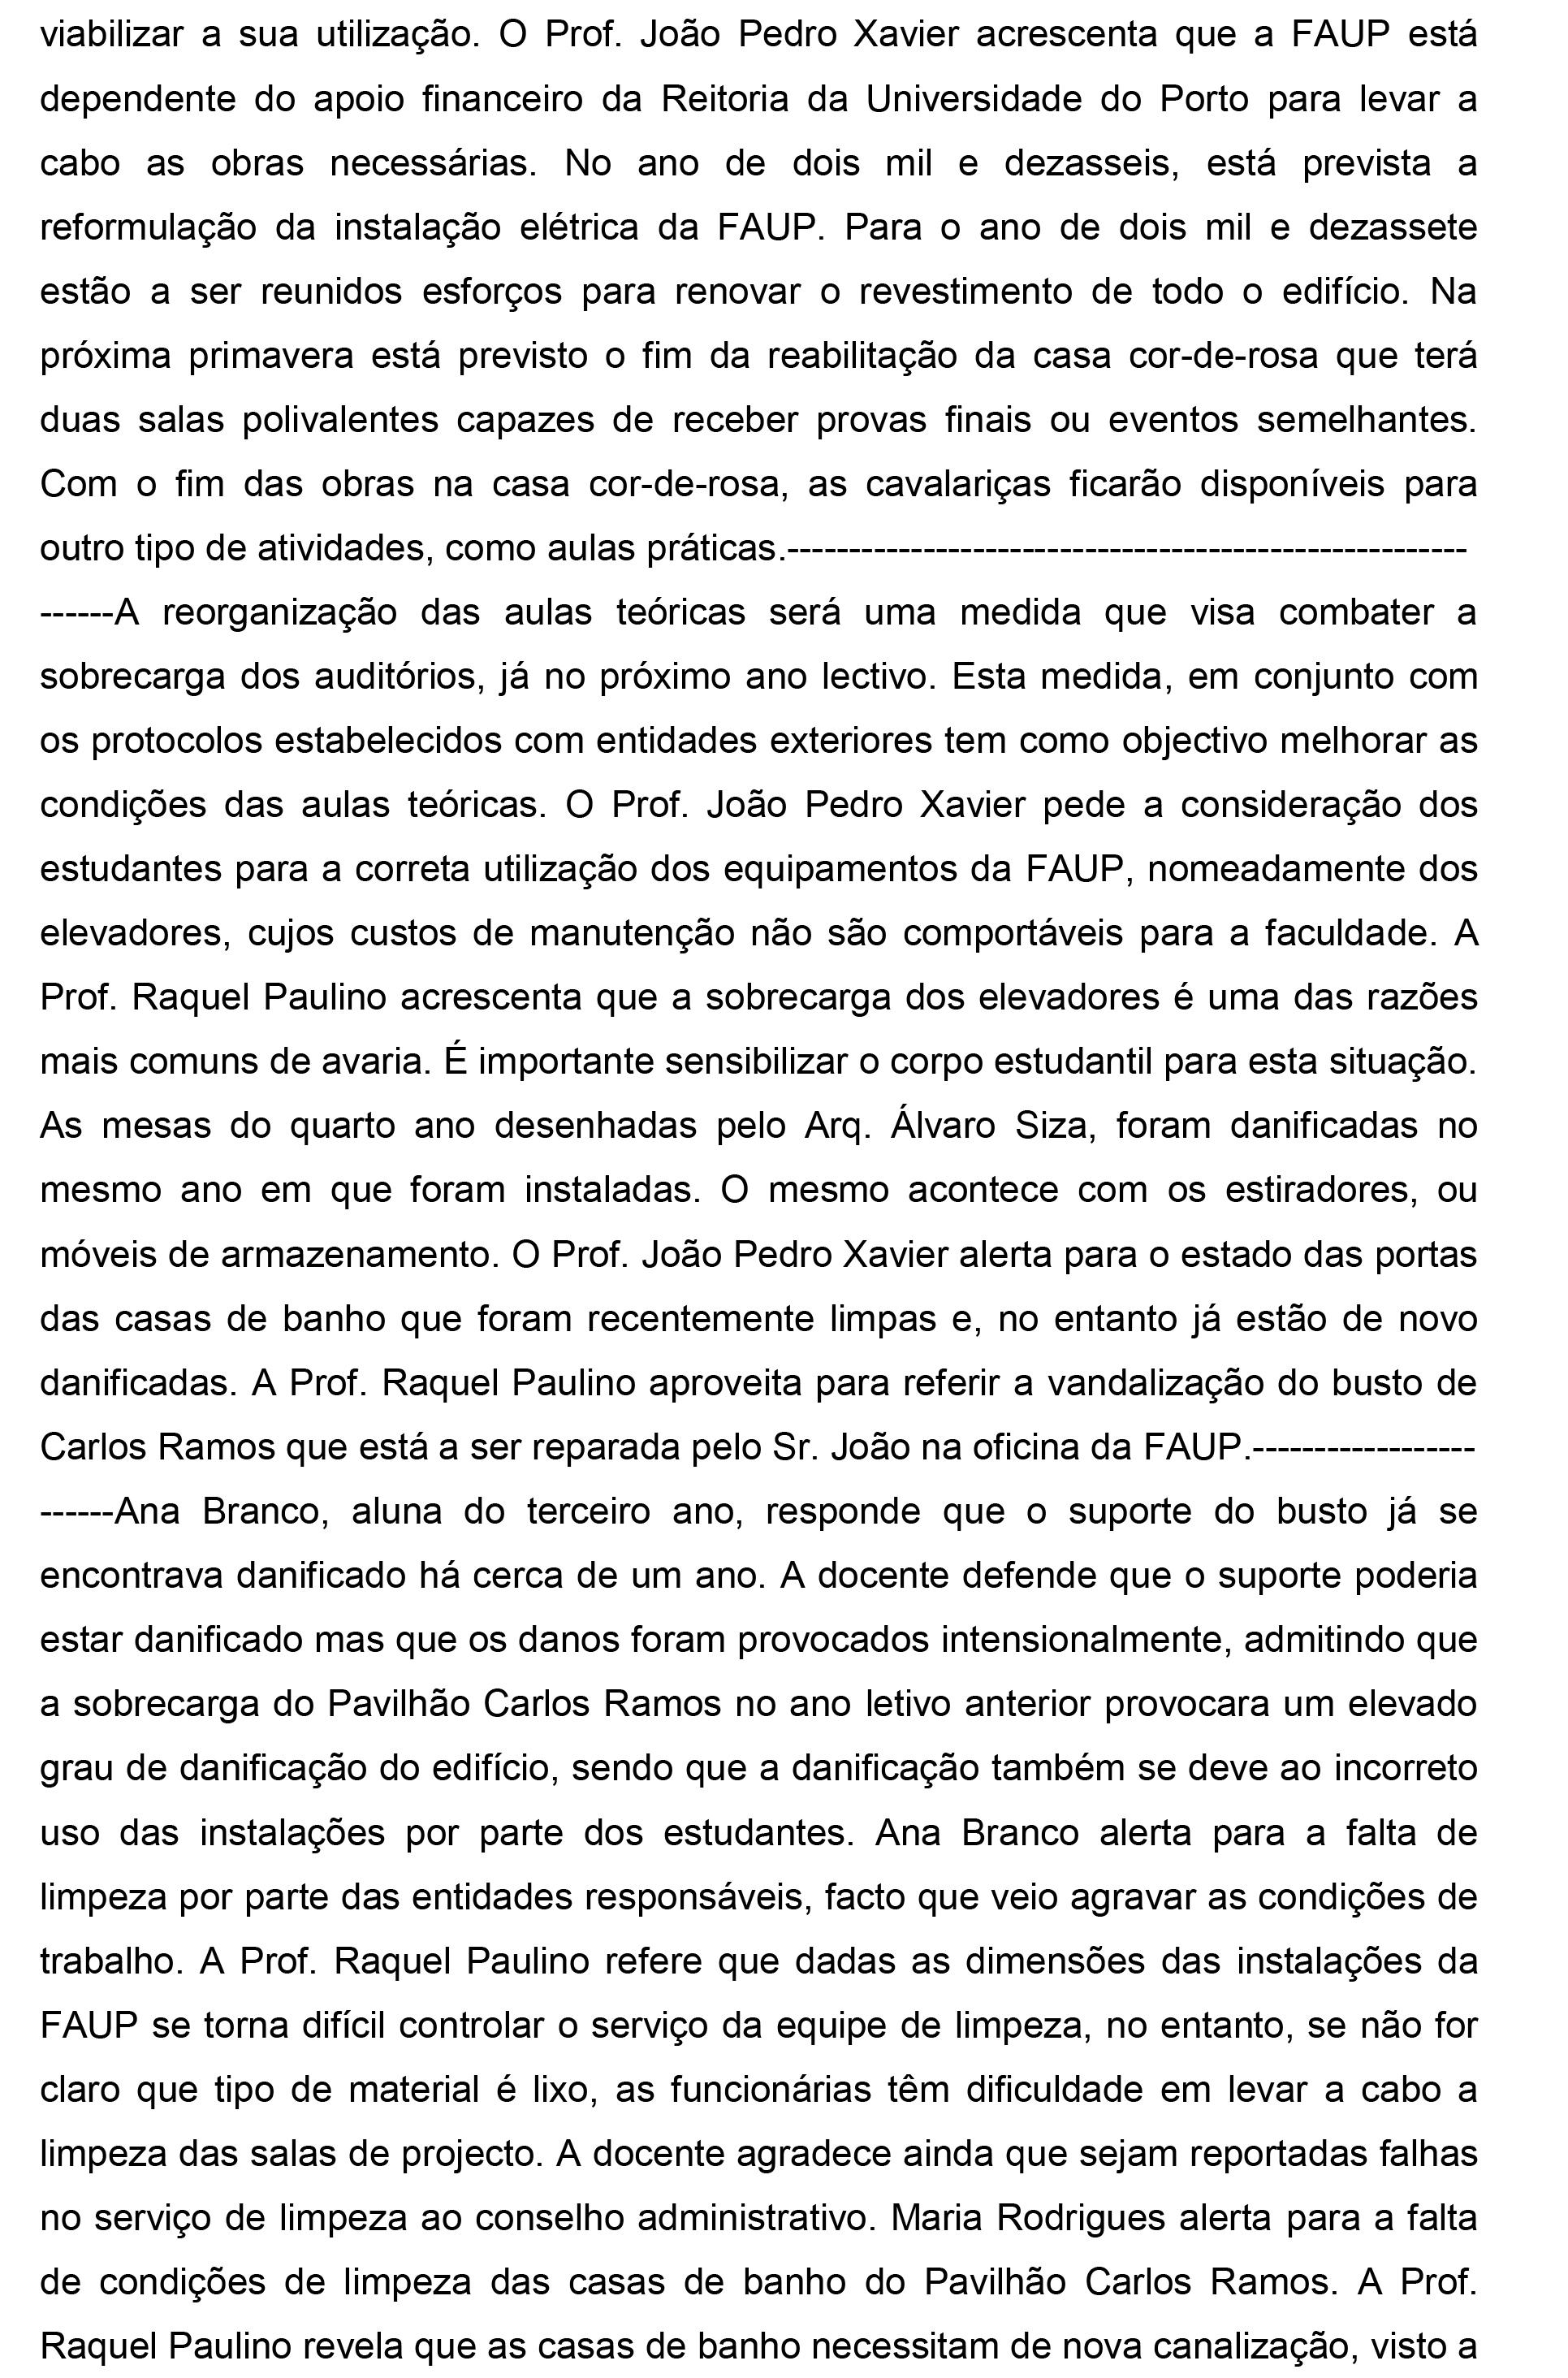 Acta 28 de Outrubro de 2014 -  Esclarecimento do estado das instalações-3.jpg